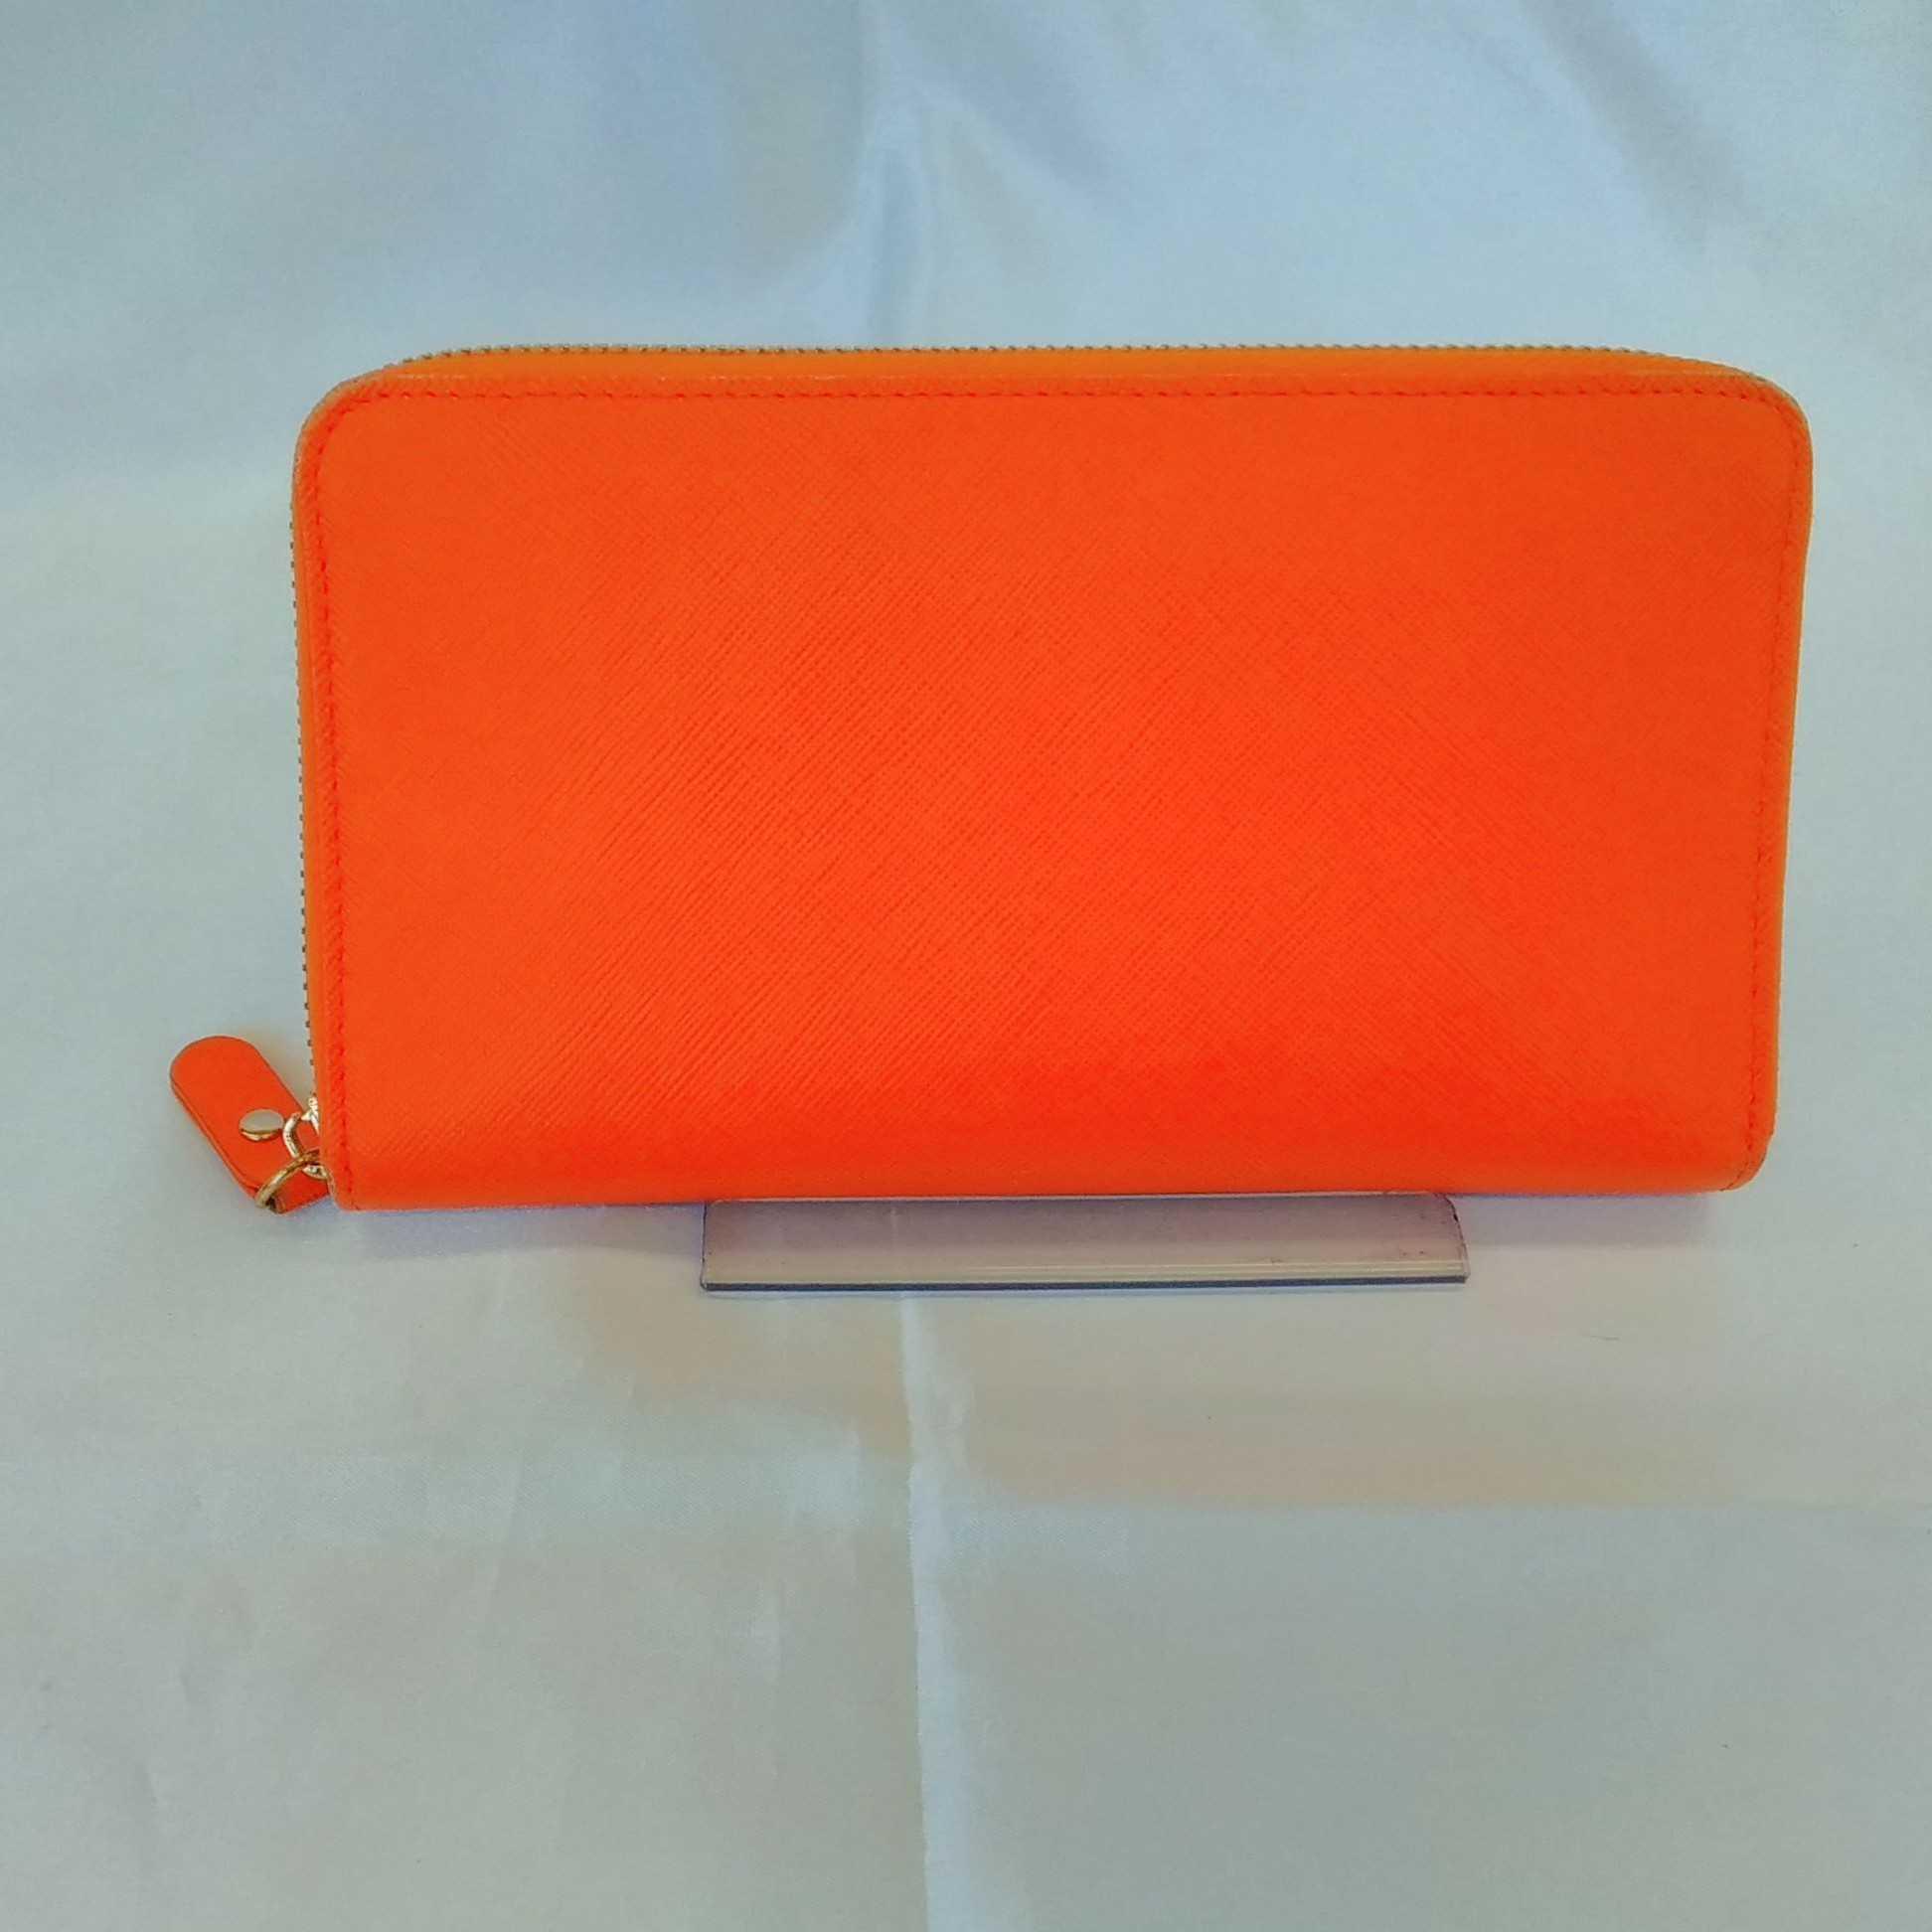 箱付き サフィアノレザー財布 長財布 オレンジ カード入れ|コジマジック